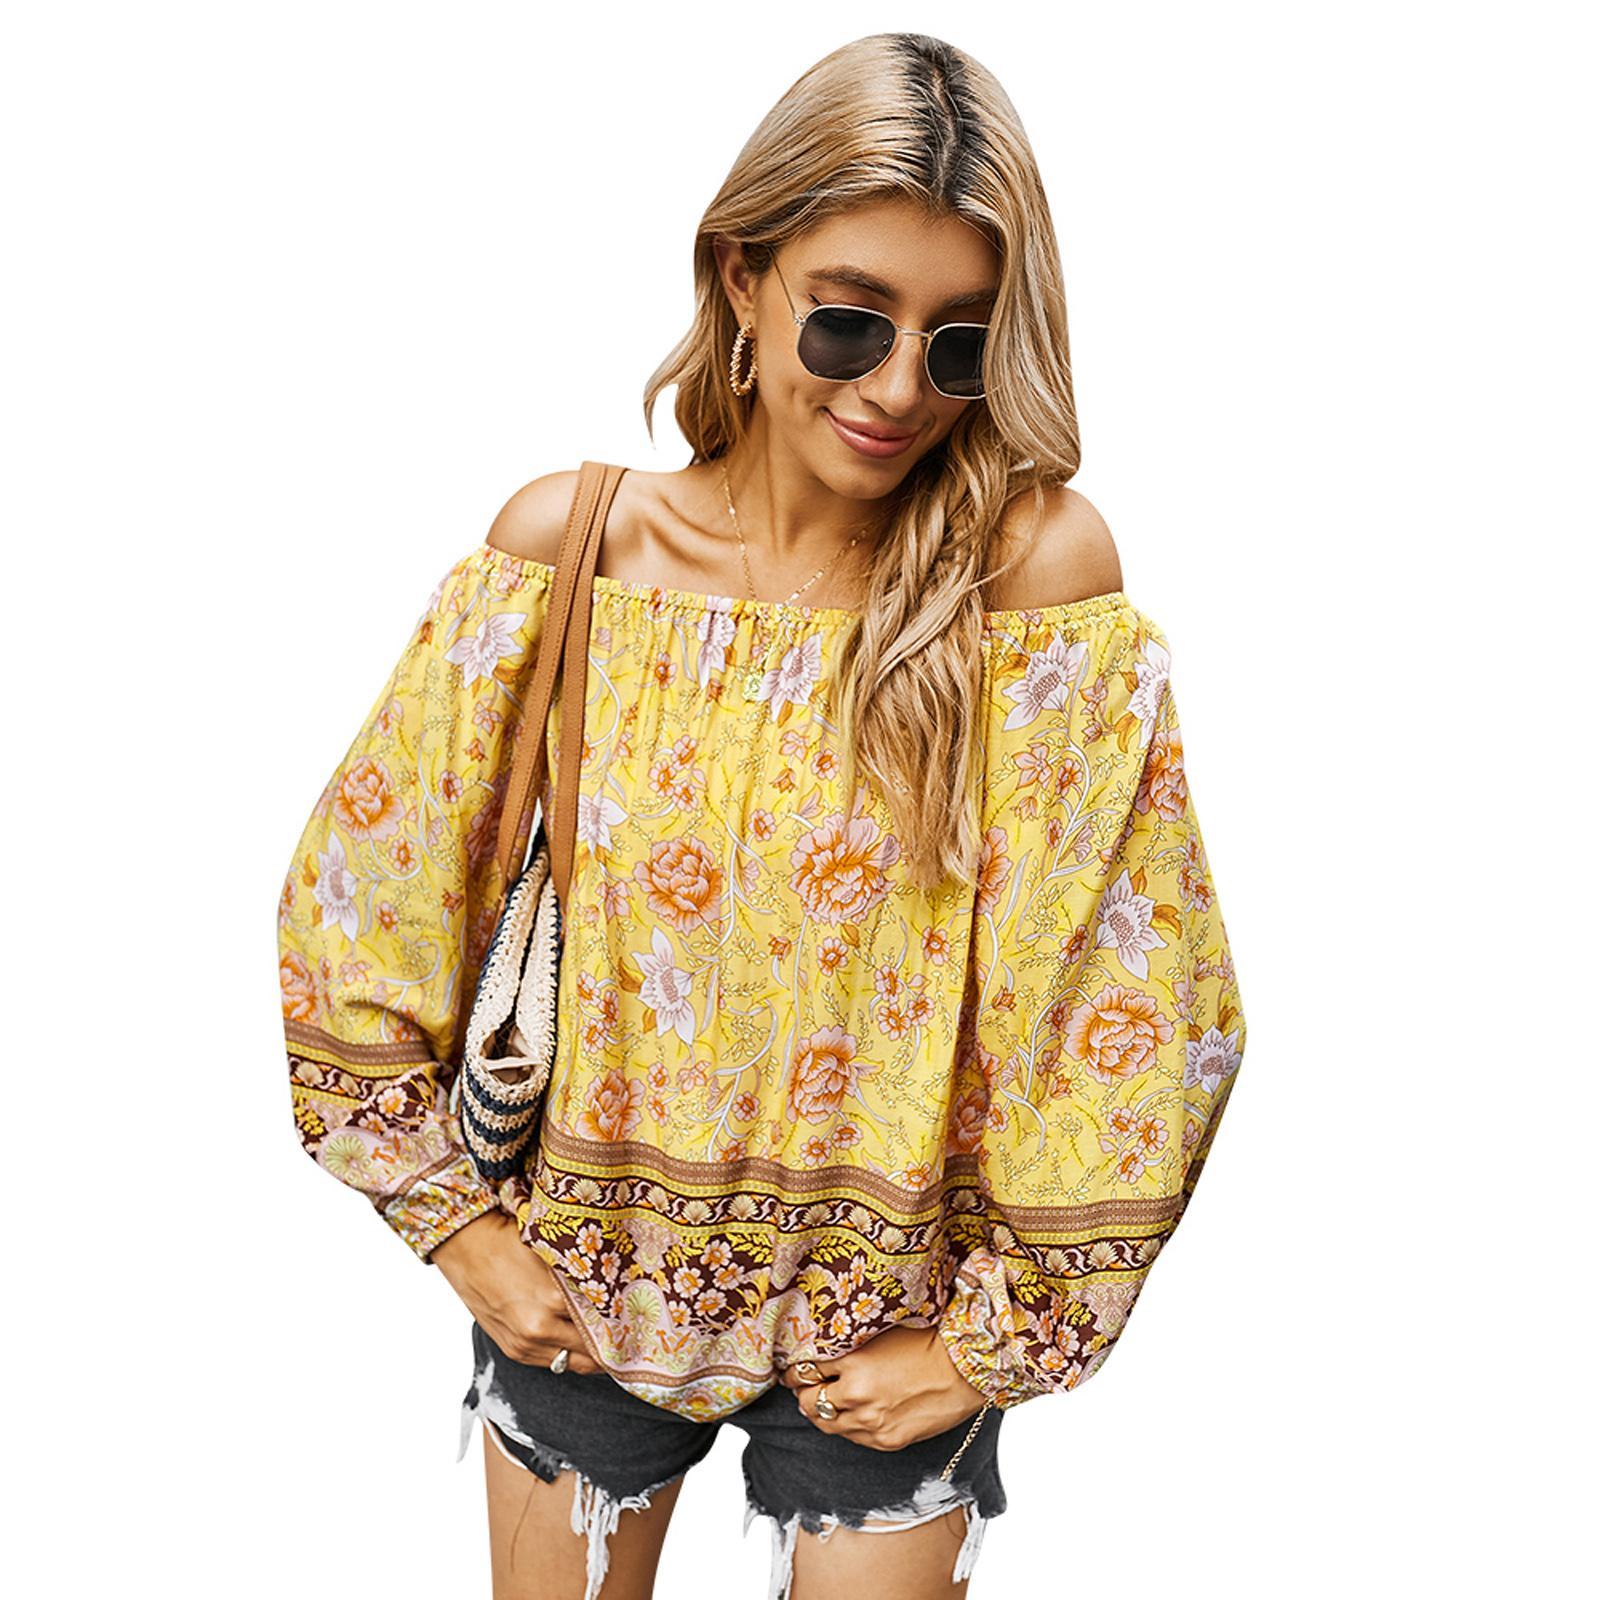 어깨 셔츠에서 여름 새로운 여성 우아한 긴 소매 레트로 꽃 인쇄 탑스 Boho Beach Party Shirts 캐주얼 튜닉 DY2018